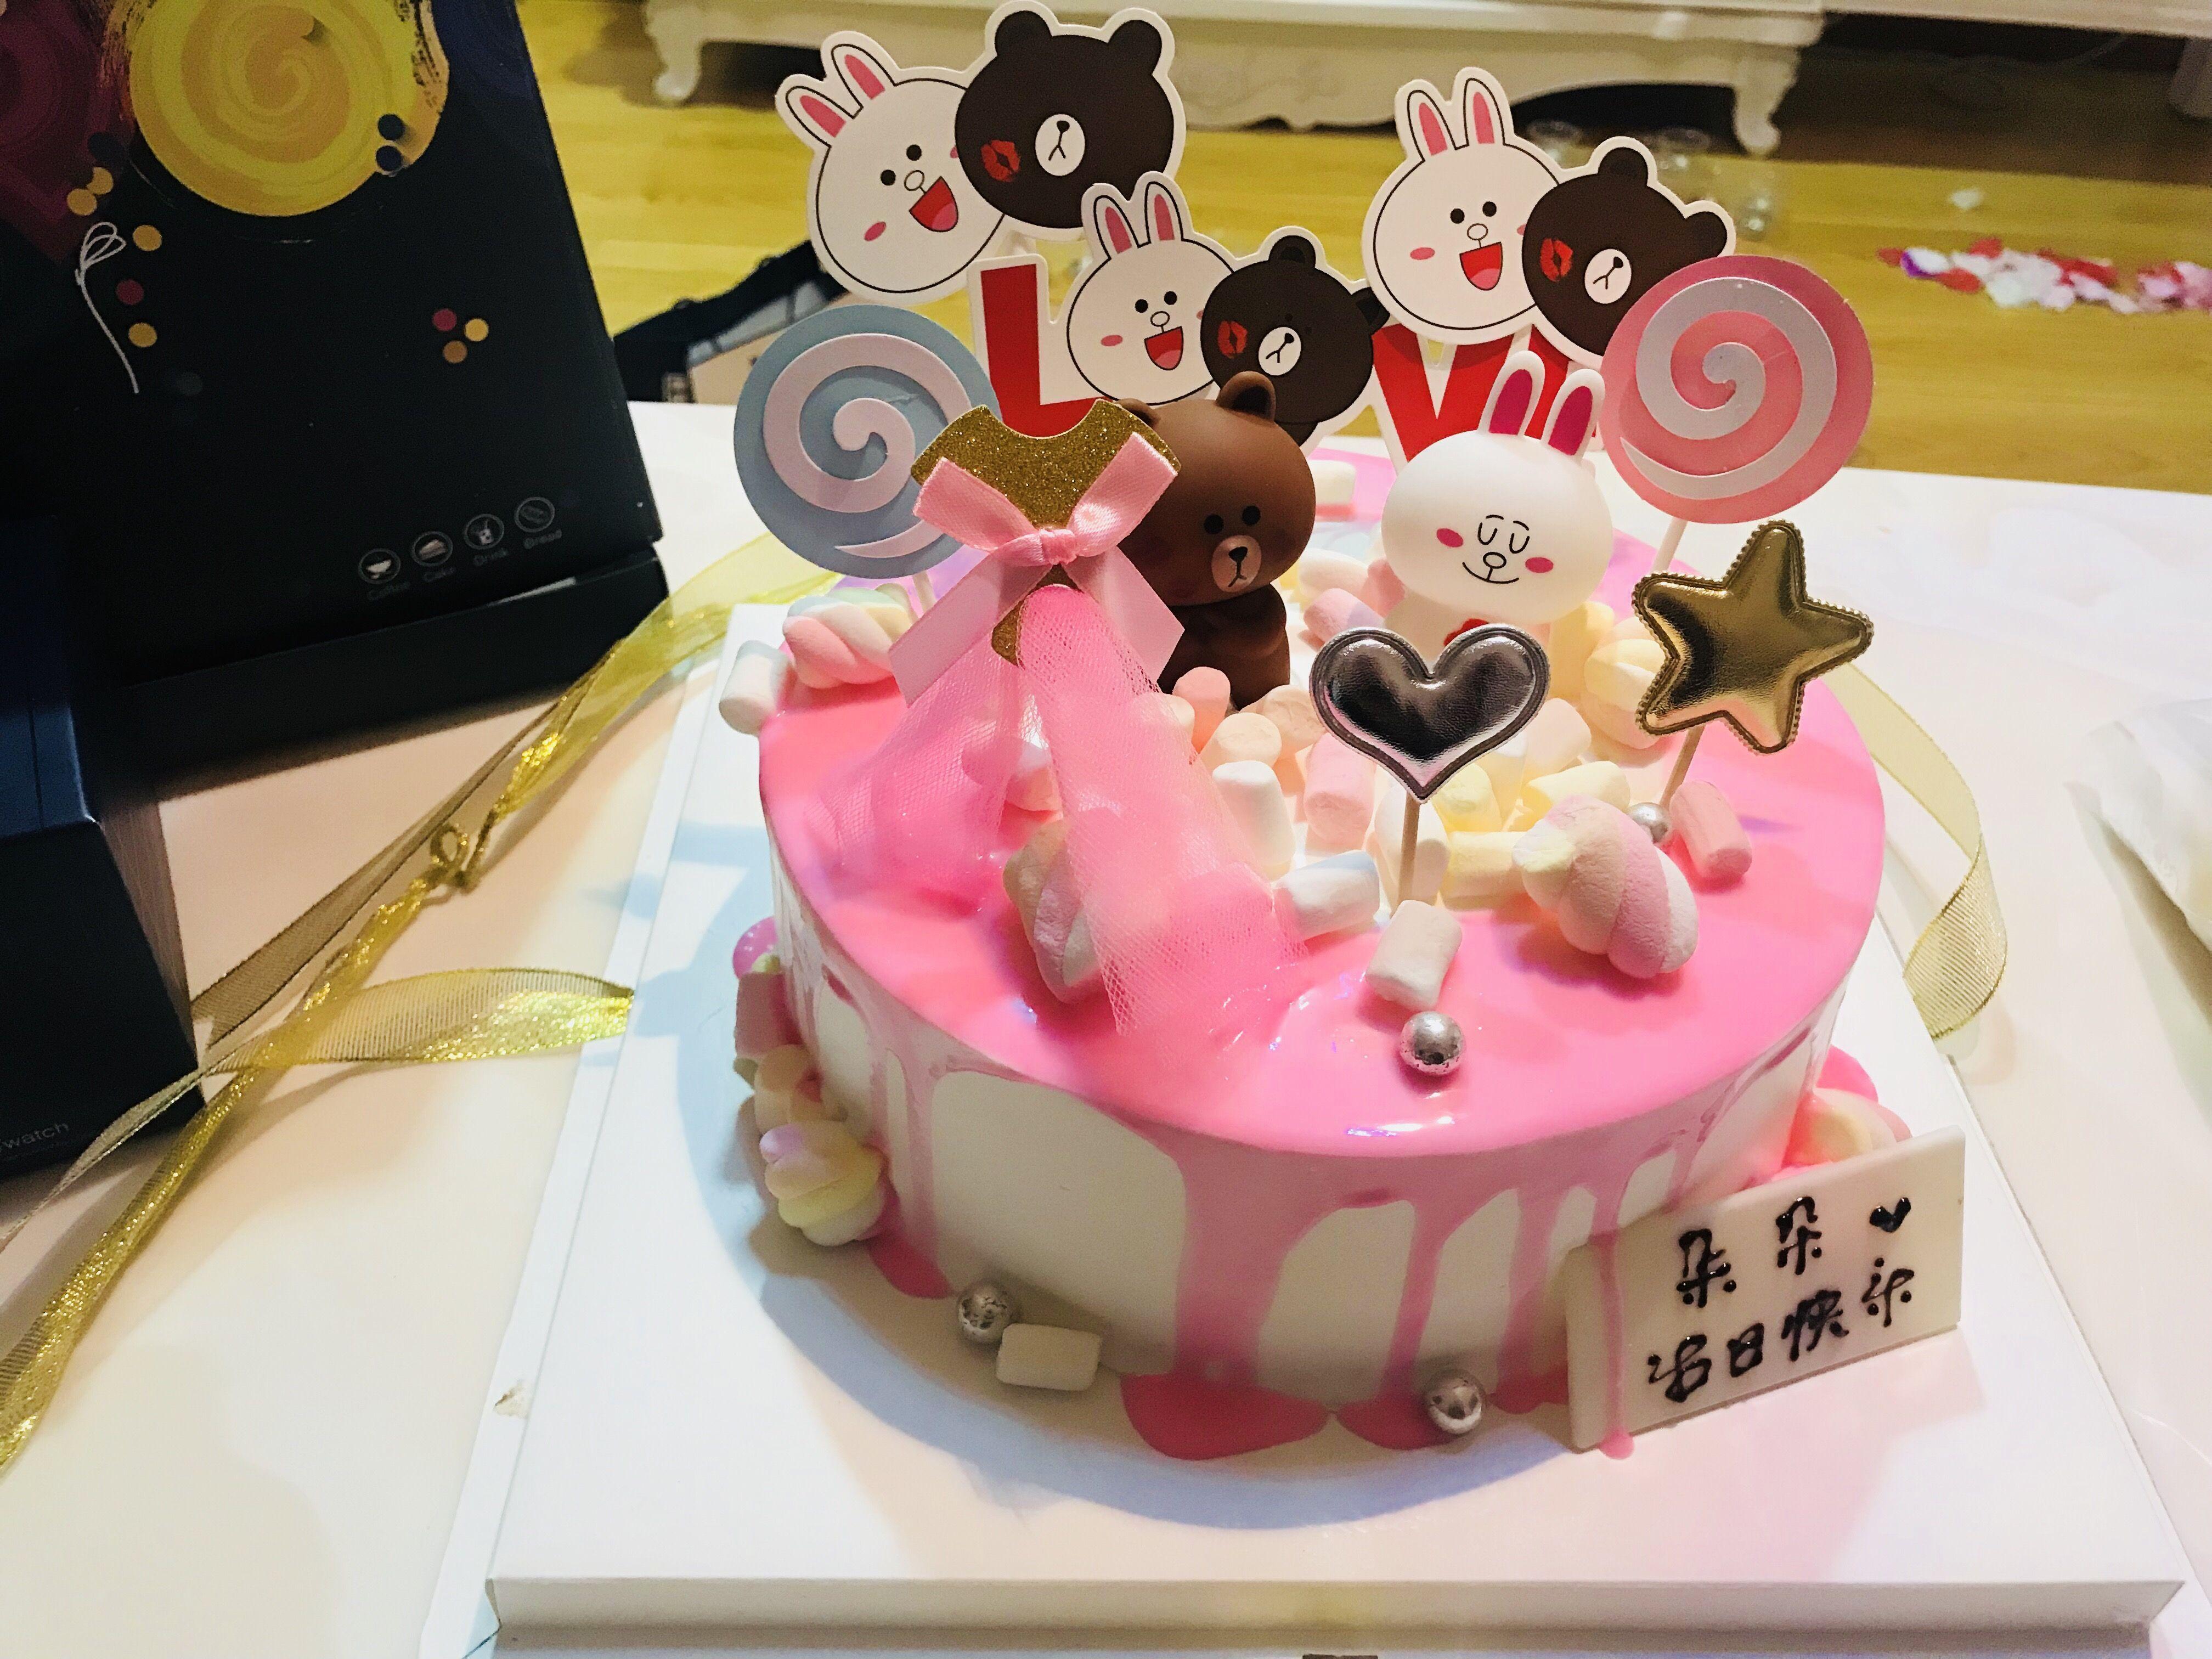 【2店通用】糖妃创意蛋糕